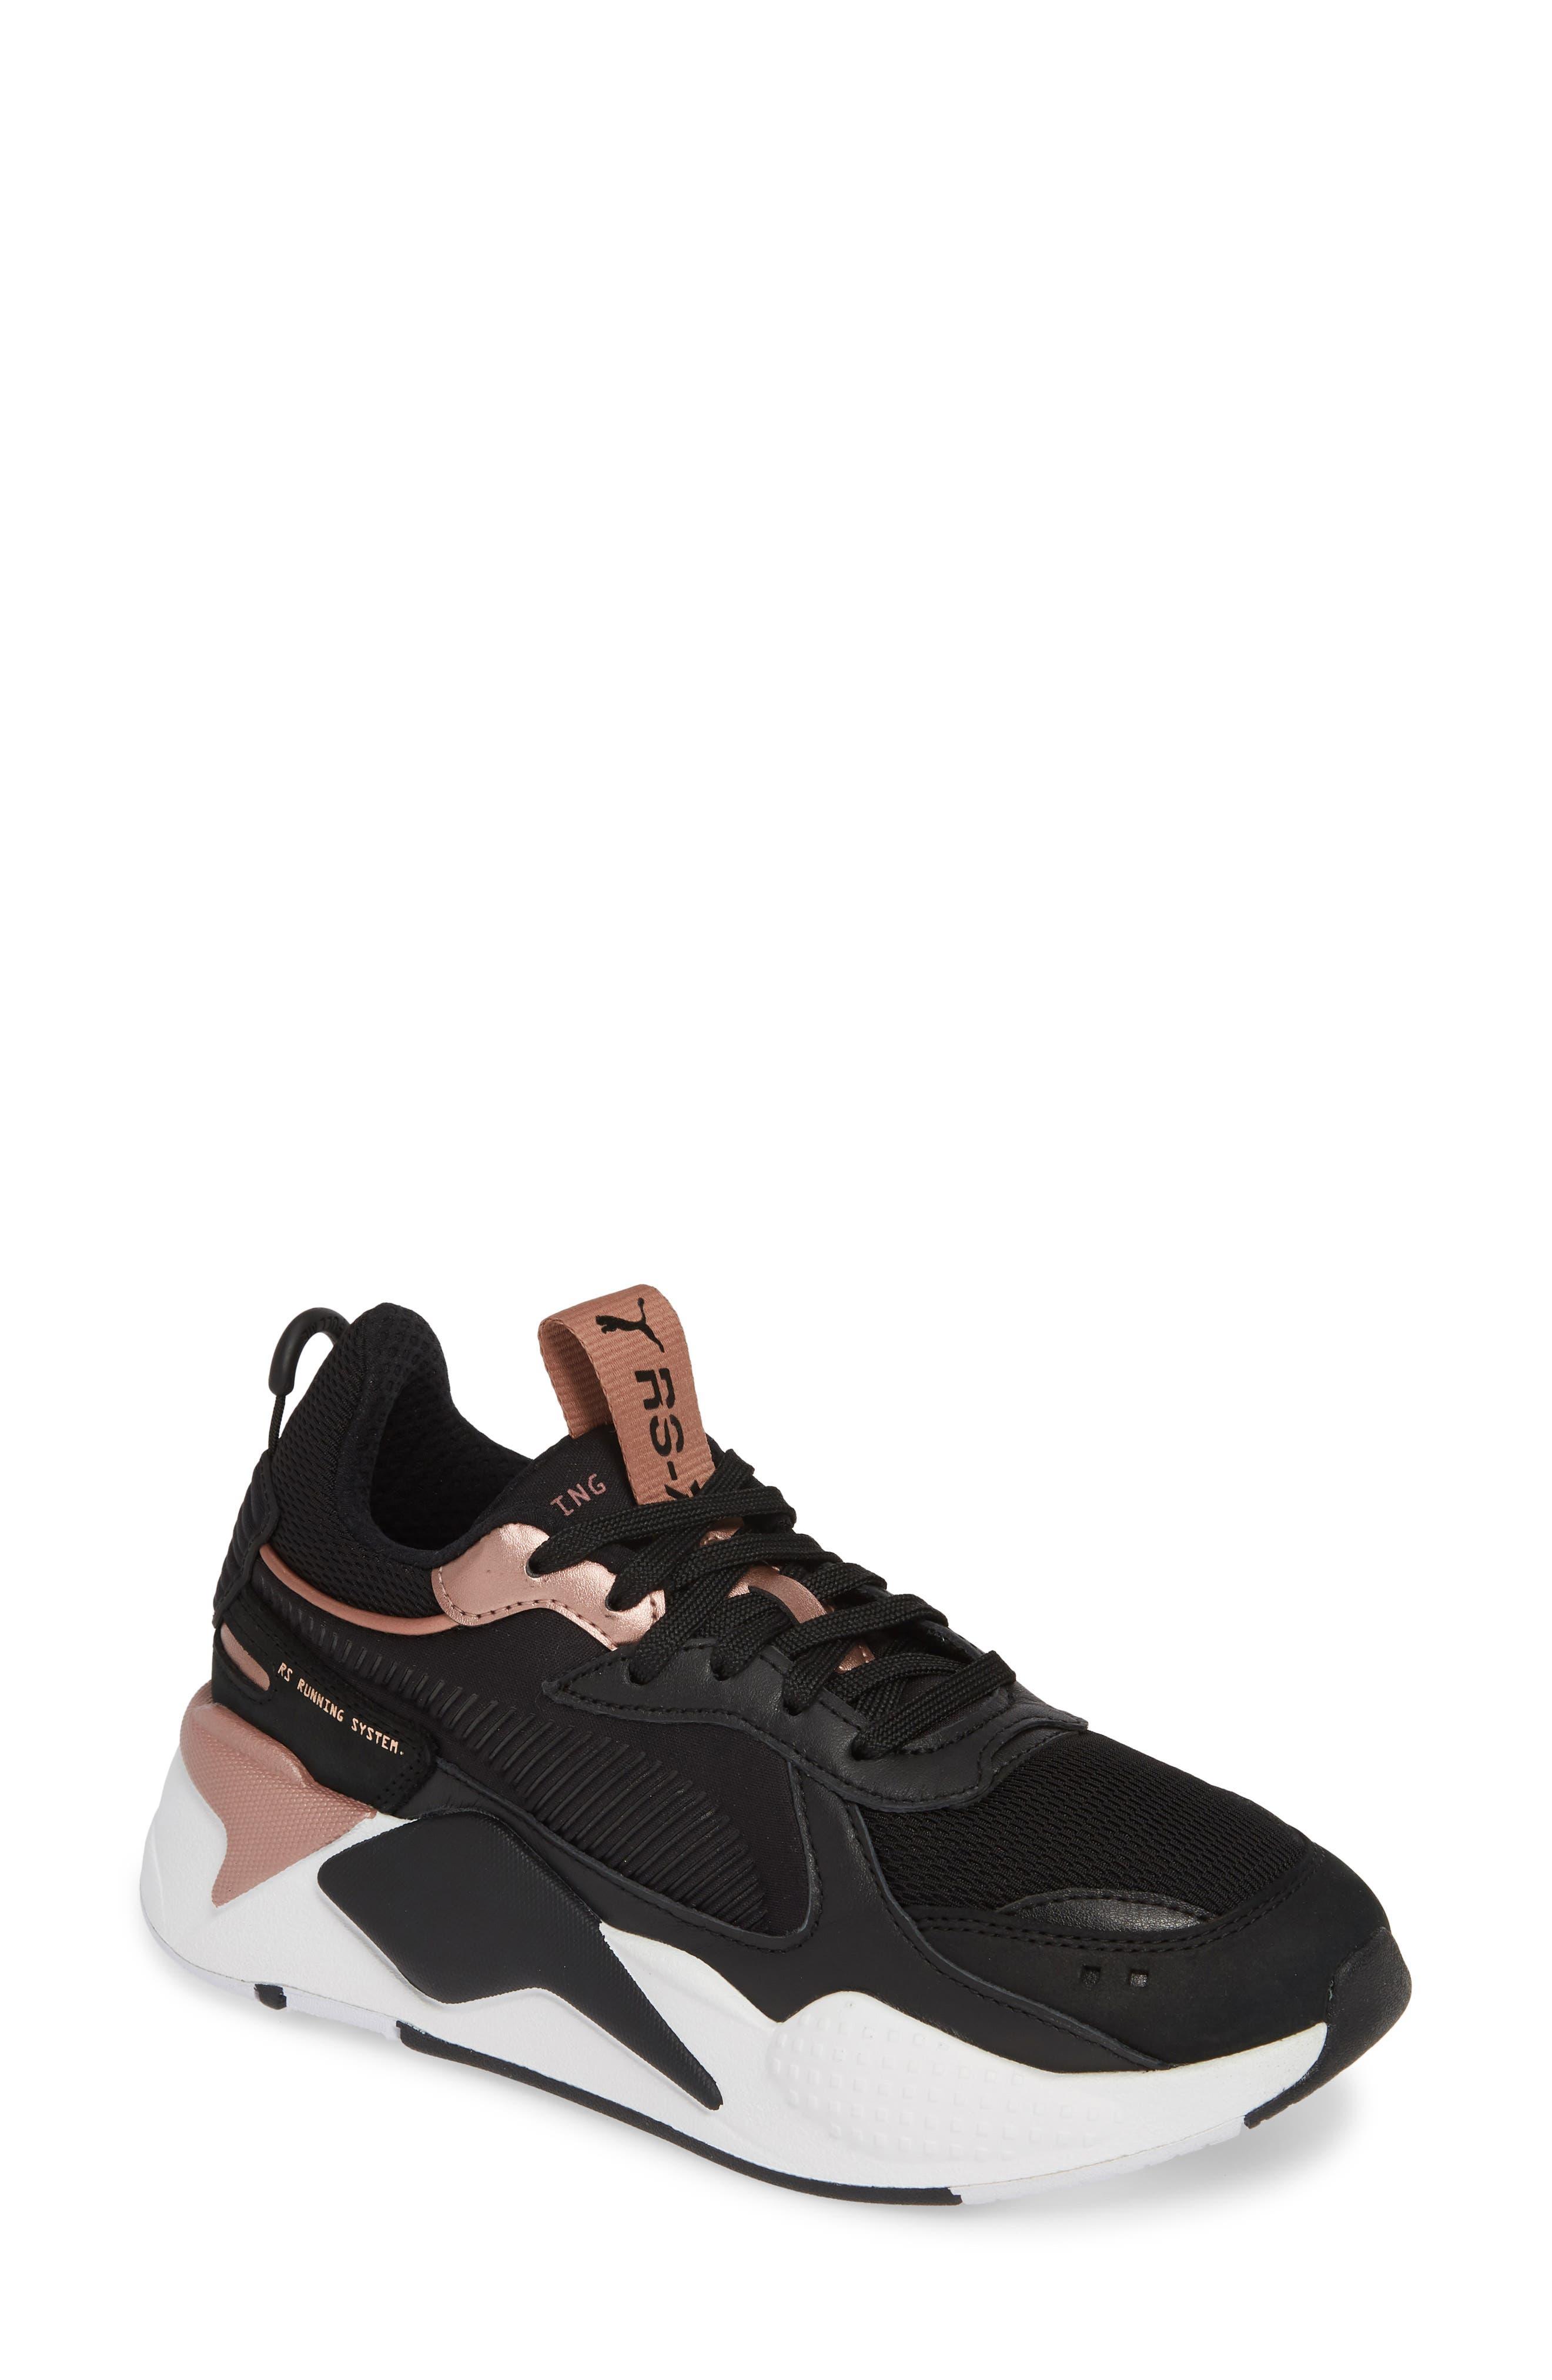 PUMA RS-X Trophy Sneaker (Women